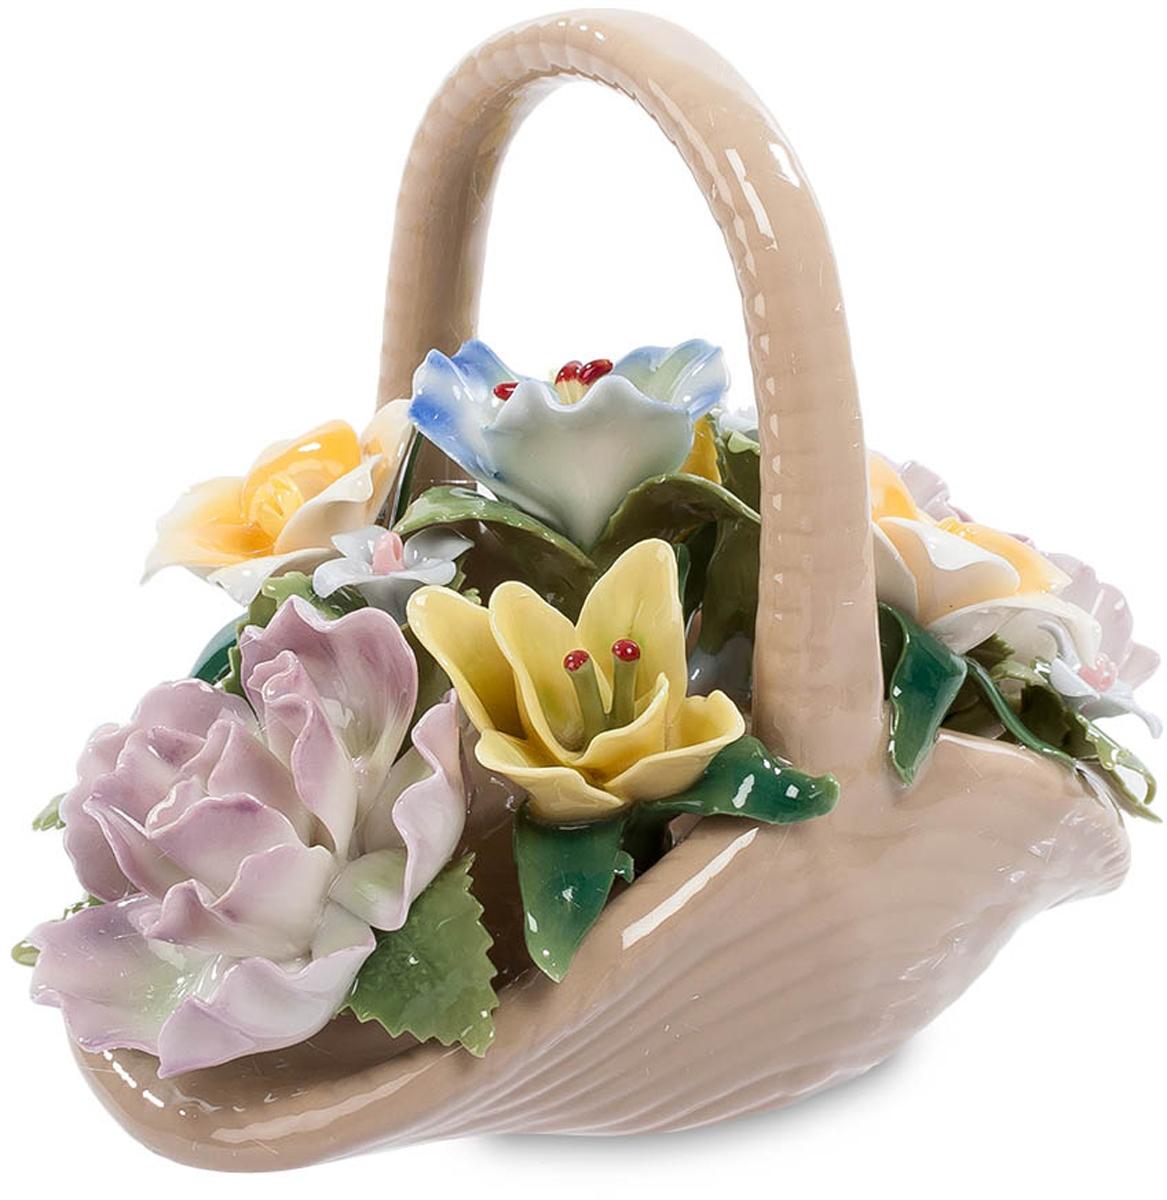 Композиция Pavone Цветочная корзина. CMS-33/25FS-80299Композиция Цветочная корзина (Pavone) Цветы в подарок – это всегда радует. Такой знак внимания воспринимается как настоящий порыв души, выражающий искренние чувства. Обидно только, когда спустя 3-5 дней цветы вянут, и их приходится выбрасывать. Хотите, чтобы ваш подарок радовал много лет? Вот перед вами – корзинка с цветами. И сама она и цветы изготовлены из фарфора, но с такой тщательностью, что кажутся живыми. Эта разноцветная цветочная композиция не завянет никогда и будет создавать в вашей комнате летнюю теплую атмосферу, согретую напоминанием о том, что эту корзину подарил. Предпочитаете дарить живые цветы? Подарите фарфоровую корзинку вместе с живым букетом!